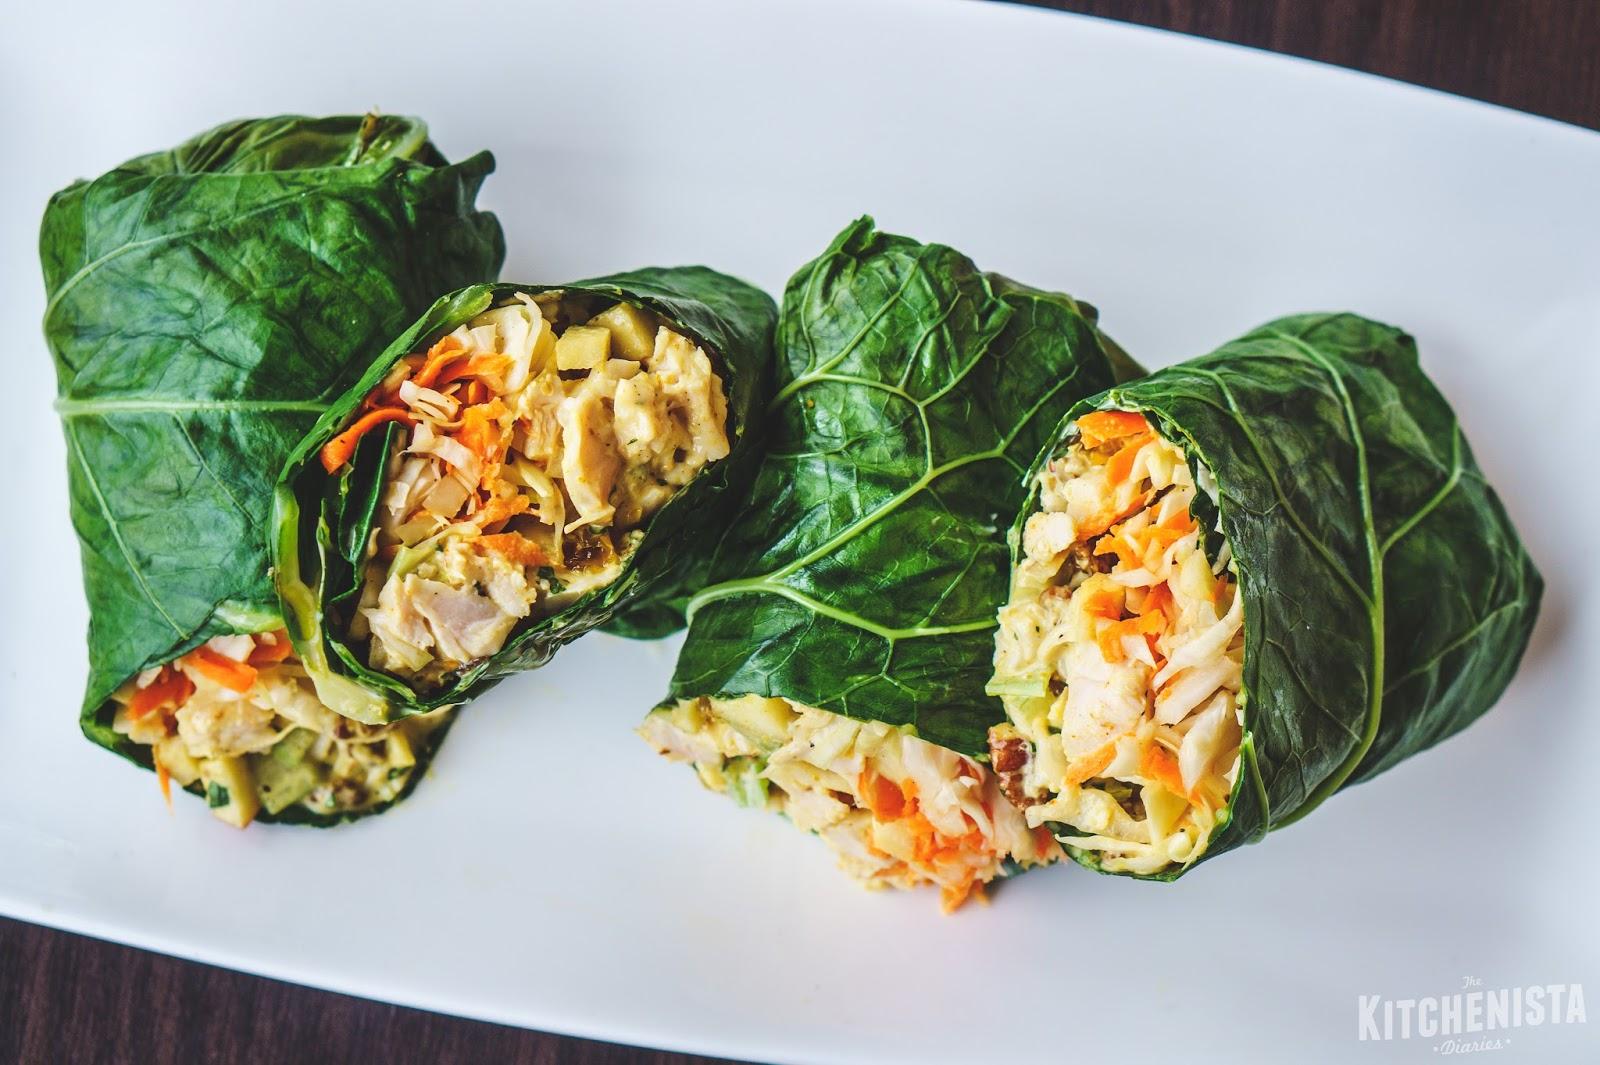 Chicken Salad Collard Wrap advise